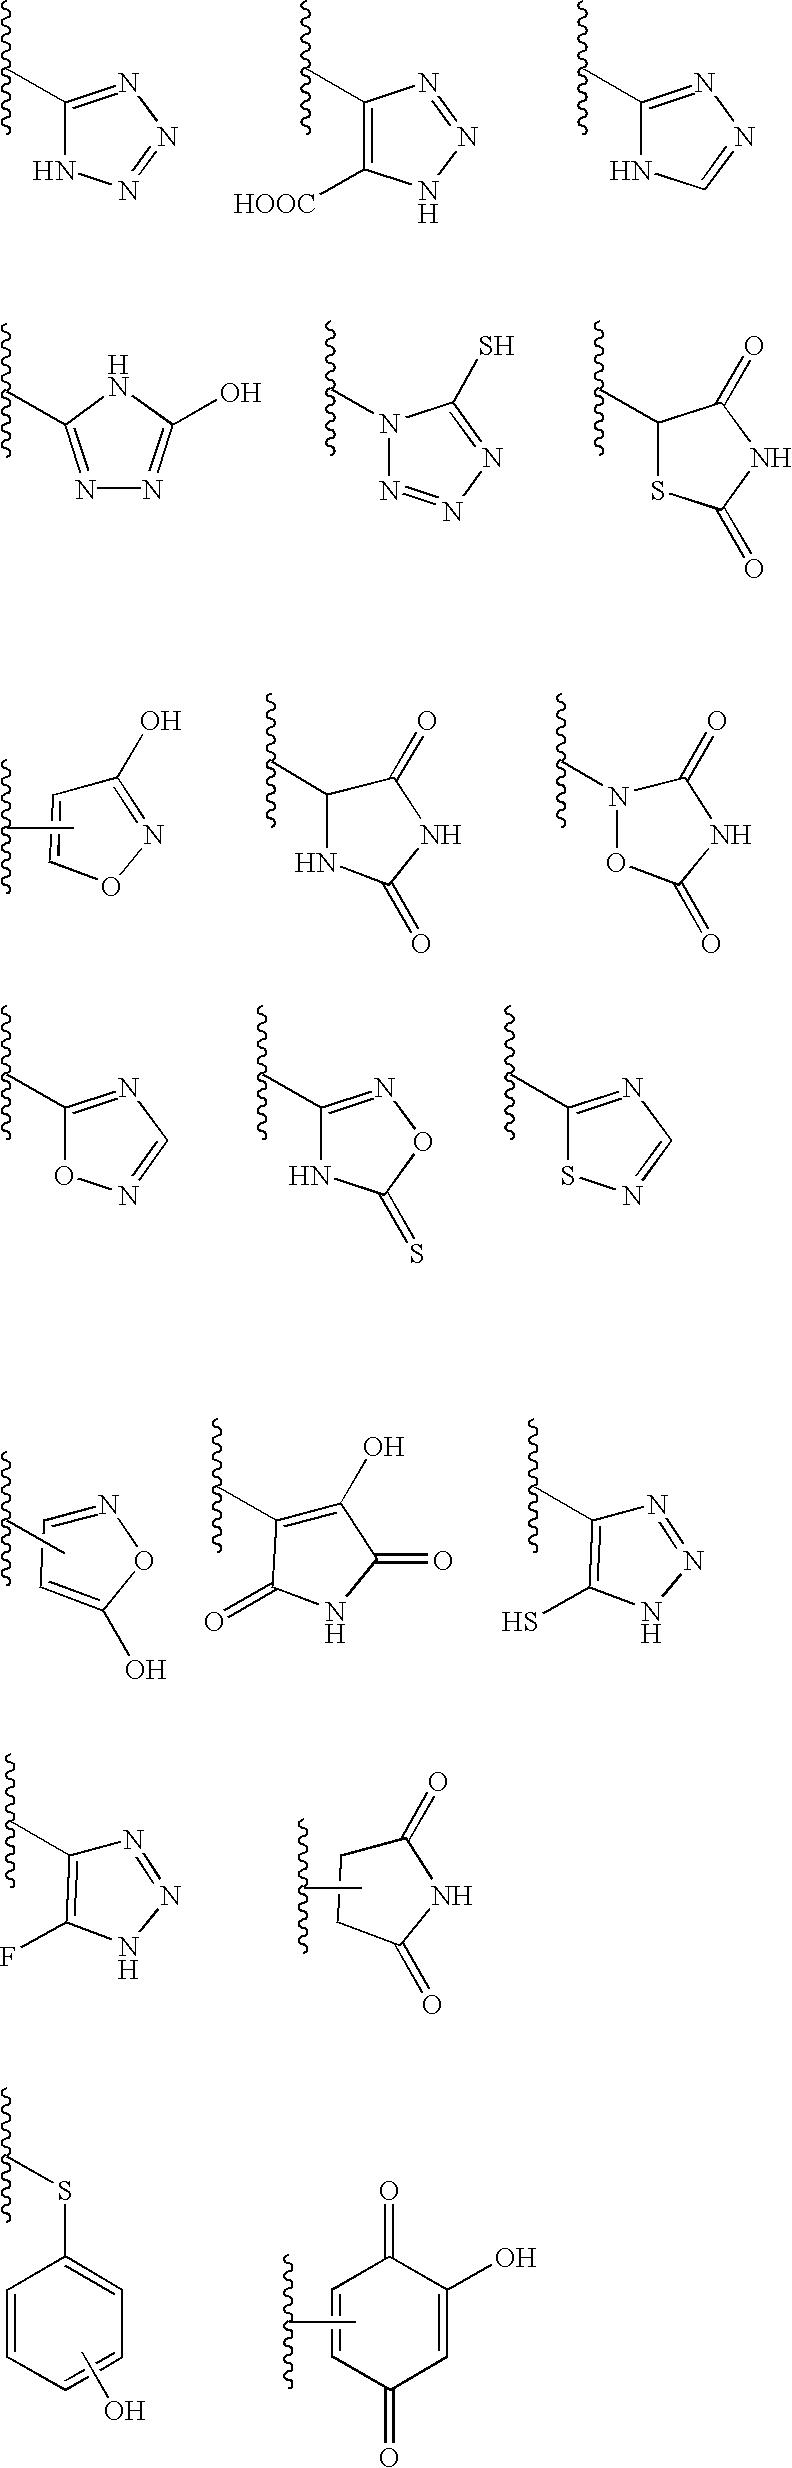 Figure US20030203890A1-20031030-C00207